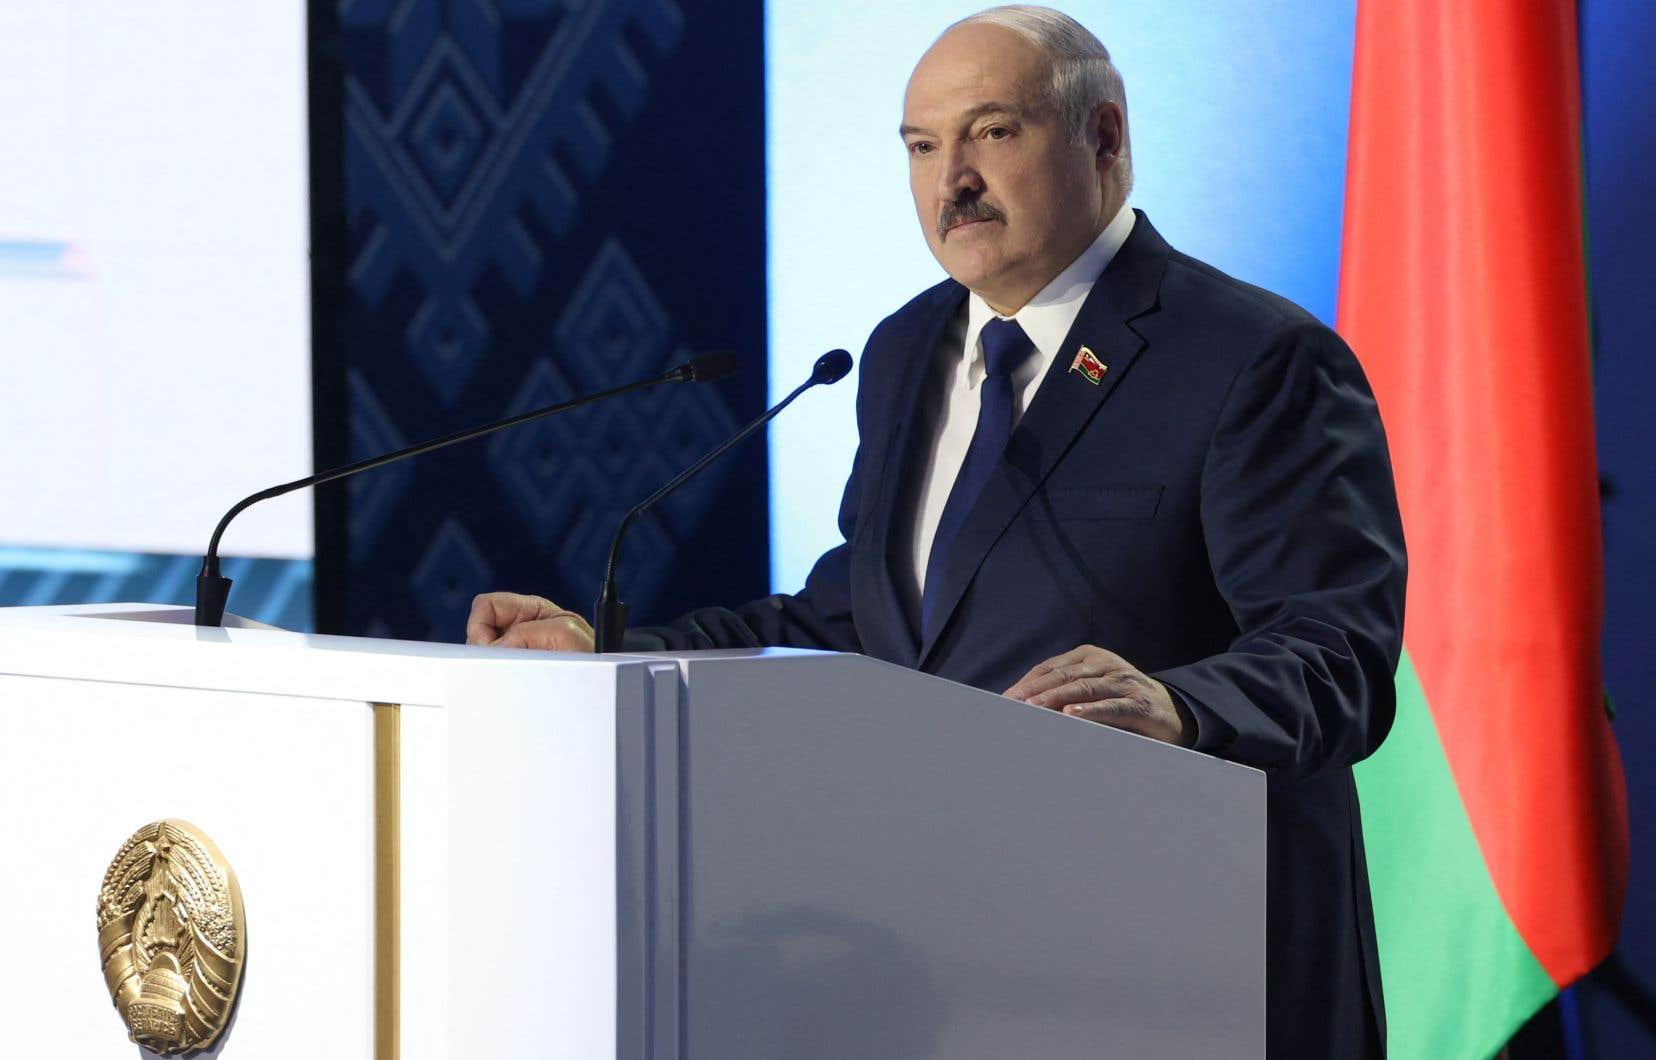 «Nous avons détenu le groupe, ils nous ont montré comment ils avaient tout planifié, je suis resté silencieux. Ensuite, nous avons découvert le travail de services de renseignement clairement étrangers, très probablement la CIA, le FBI», a assuré M.Loukachenko dans une vidéo diffusée par la présidence.